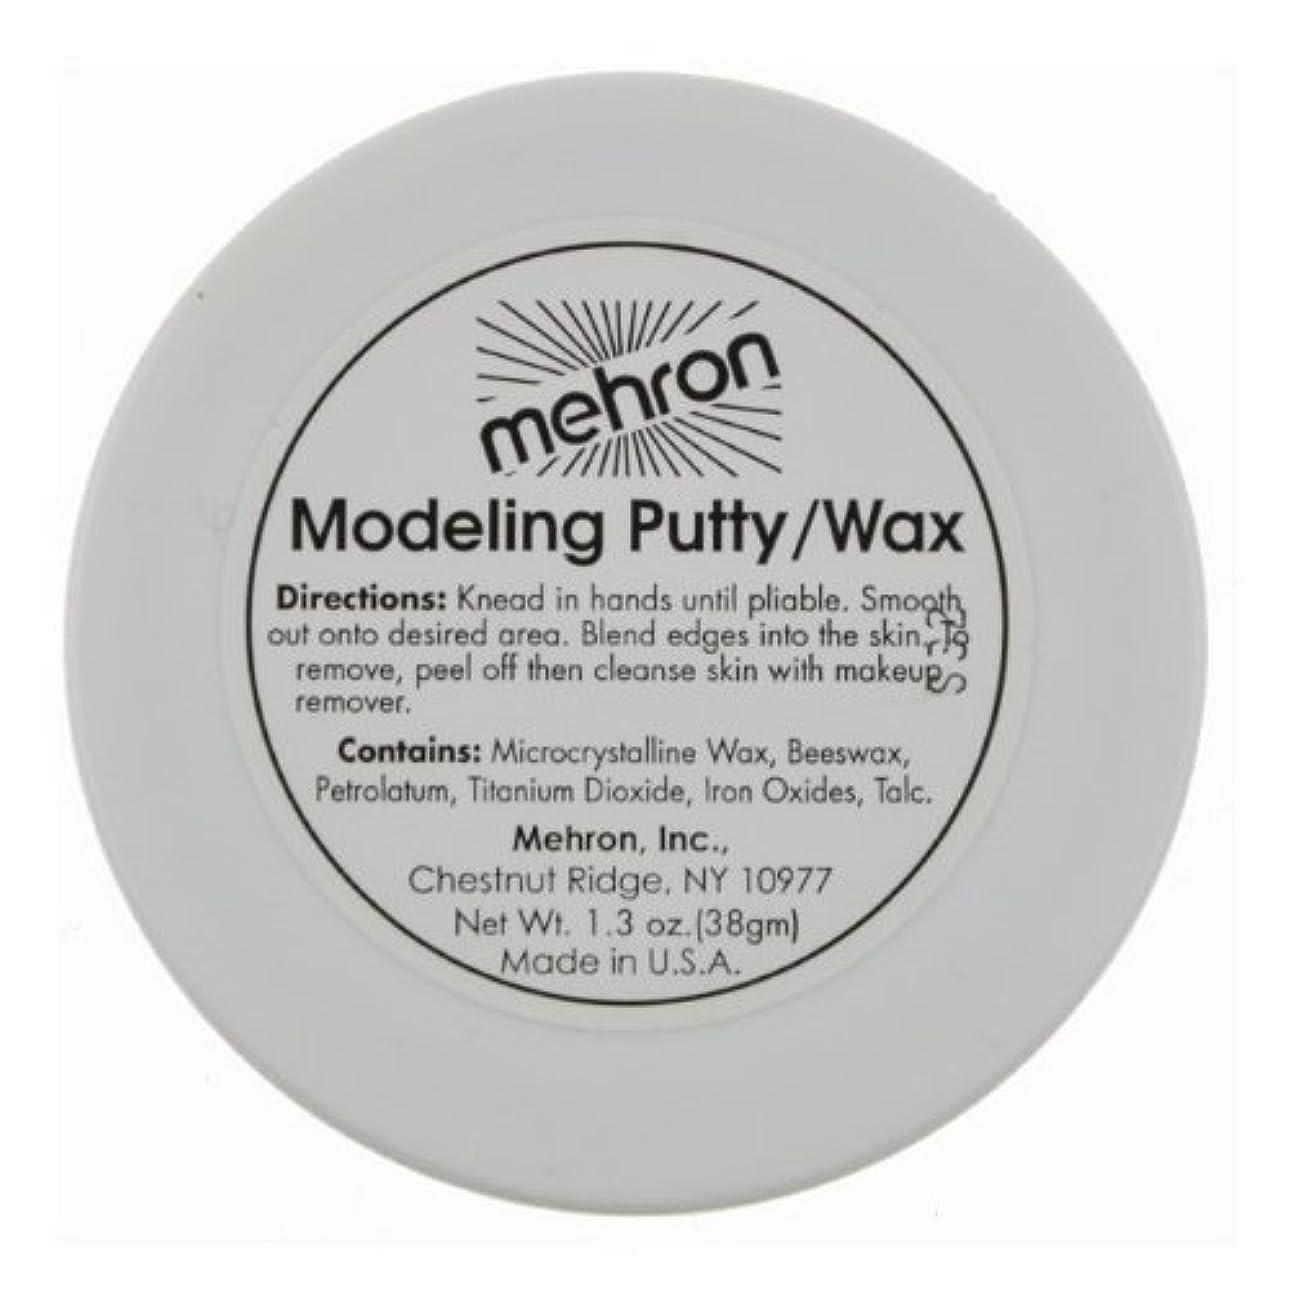 むちゃくちゃ安定運賃mehron Modeling Putty / Wax (並行輸入品)